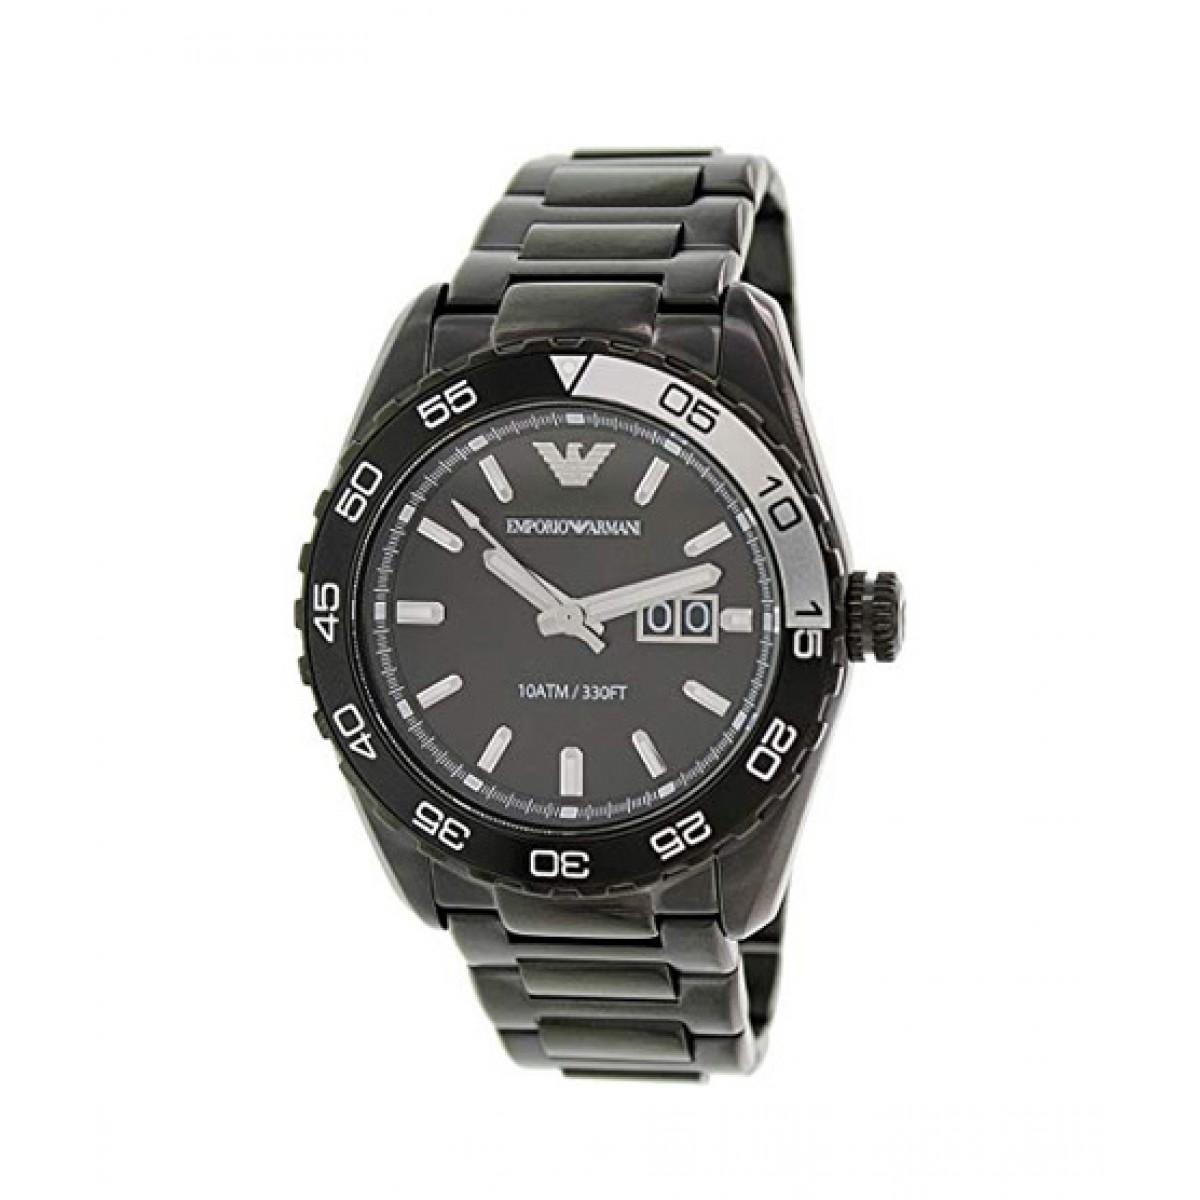 huge discount f2474 35063 Emporio Armani Sportivo Men's Watch Black (AR6049)